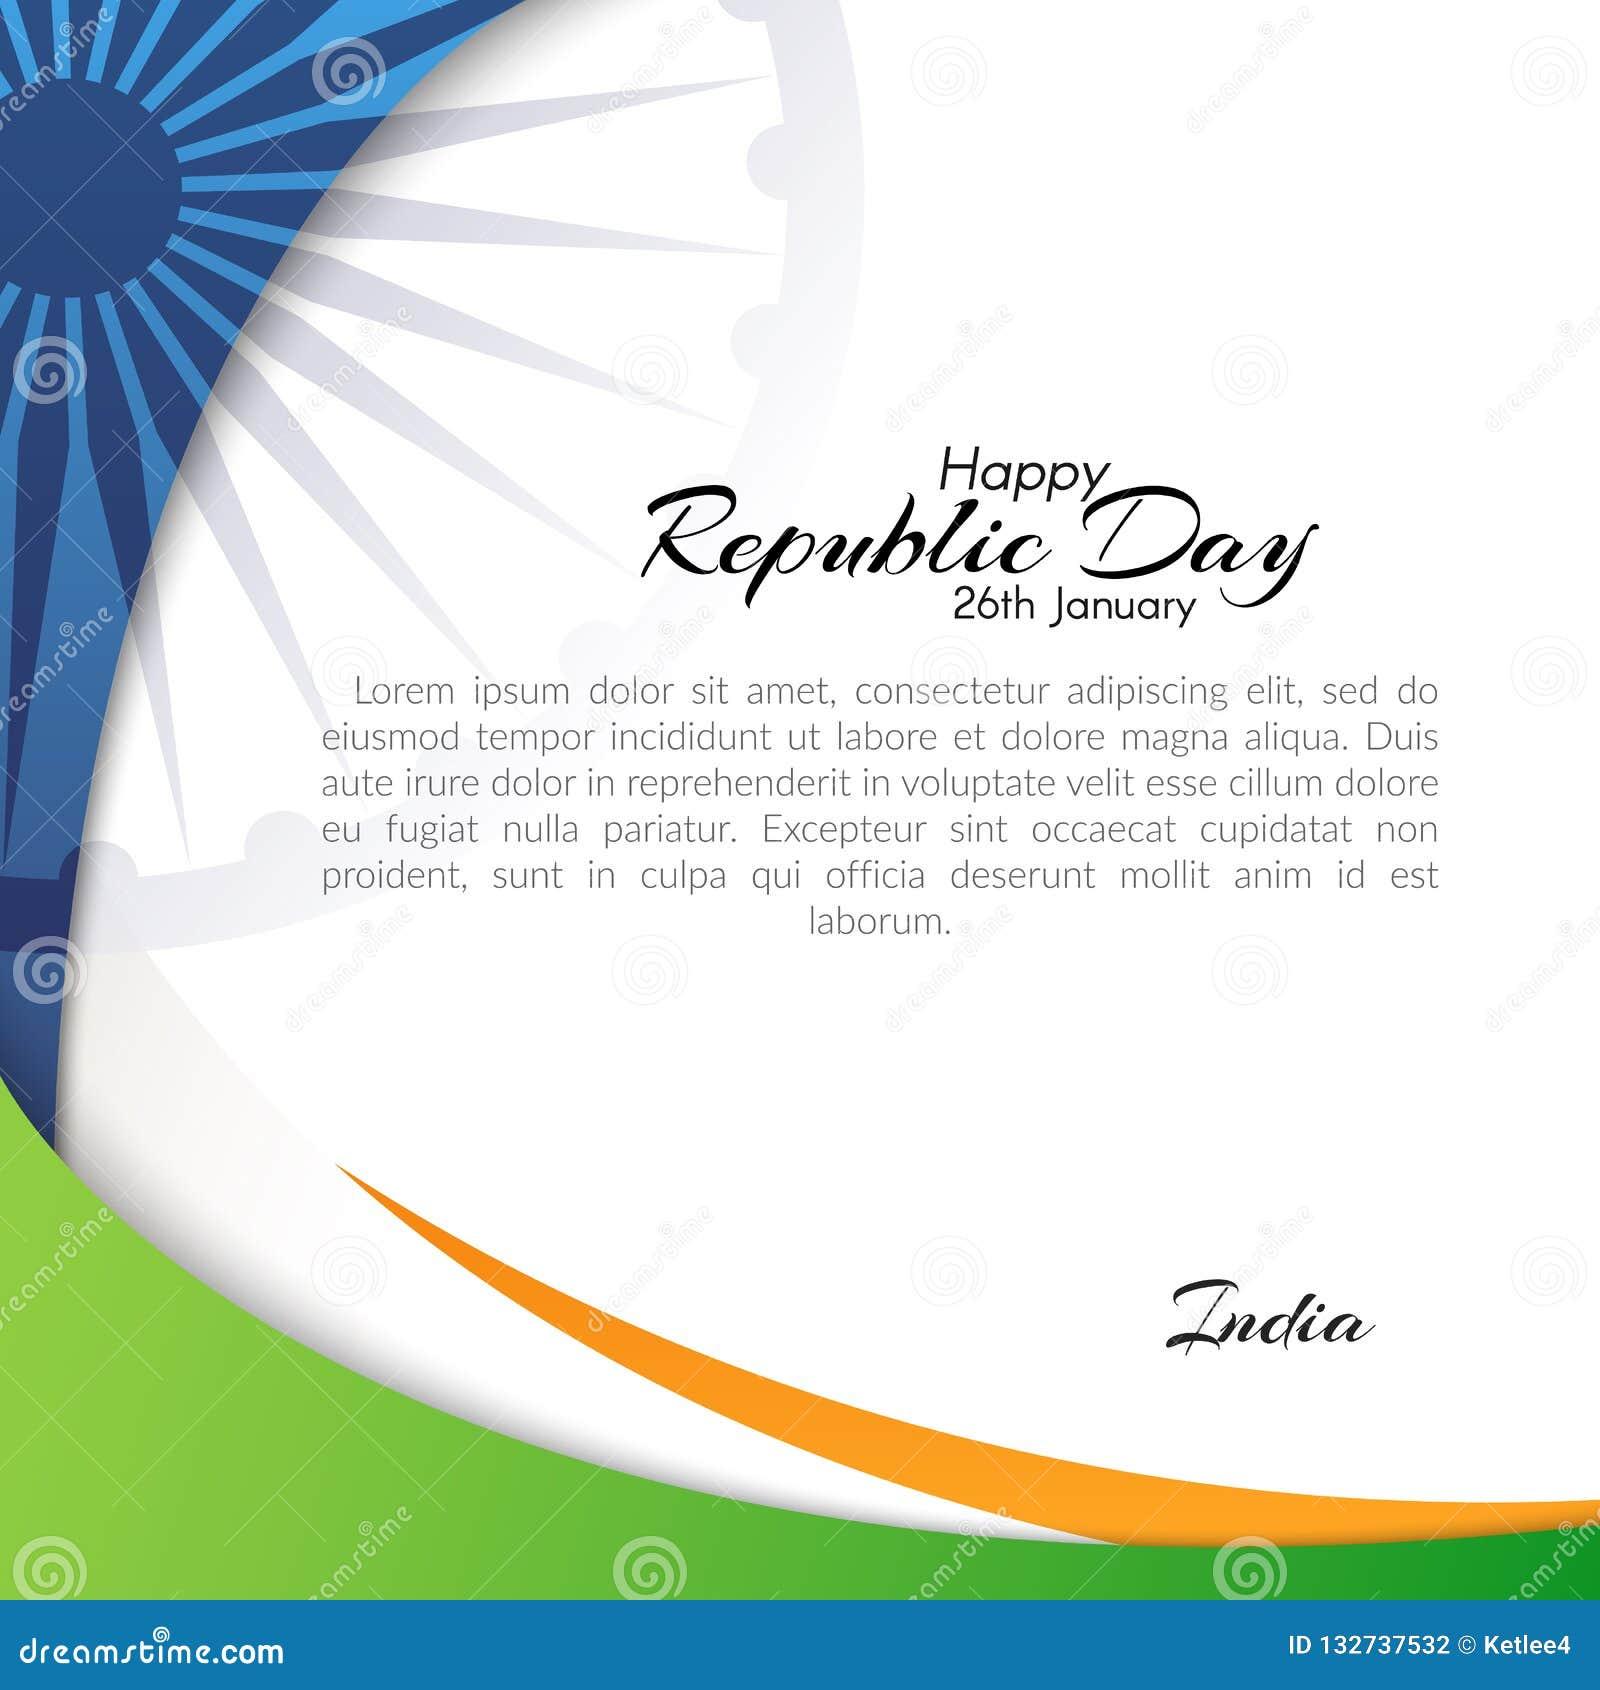 Έμβλημα με το κείμενο της ημέρας Δημοκρατίας στο αφηρημένο υπόβαθρο της Ινδίας στις 26 Ιανουαρίου με τις ρέοντας γραμμές των χρωμ